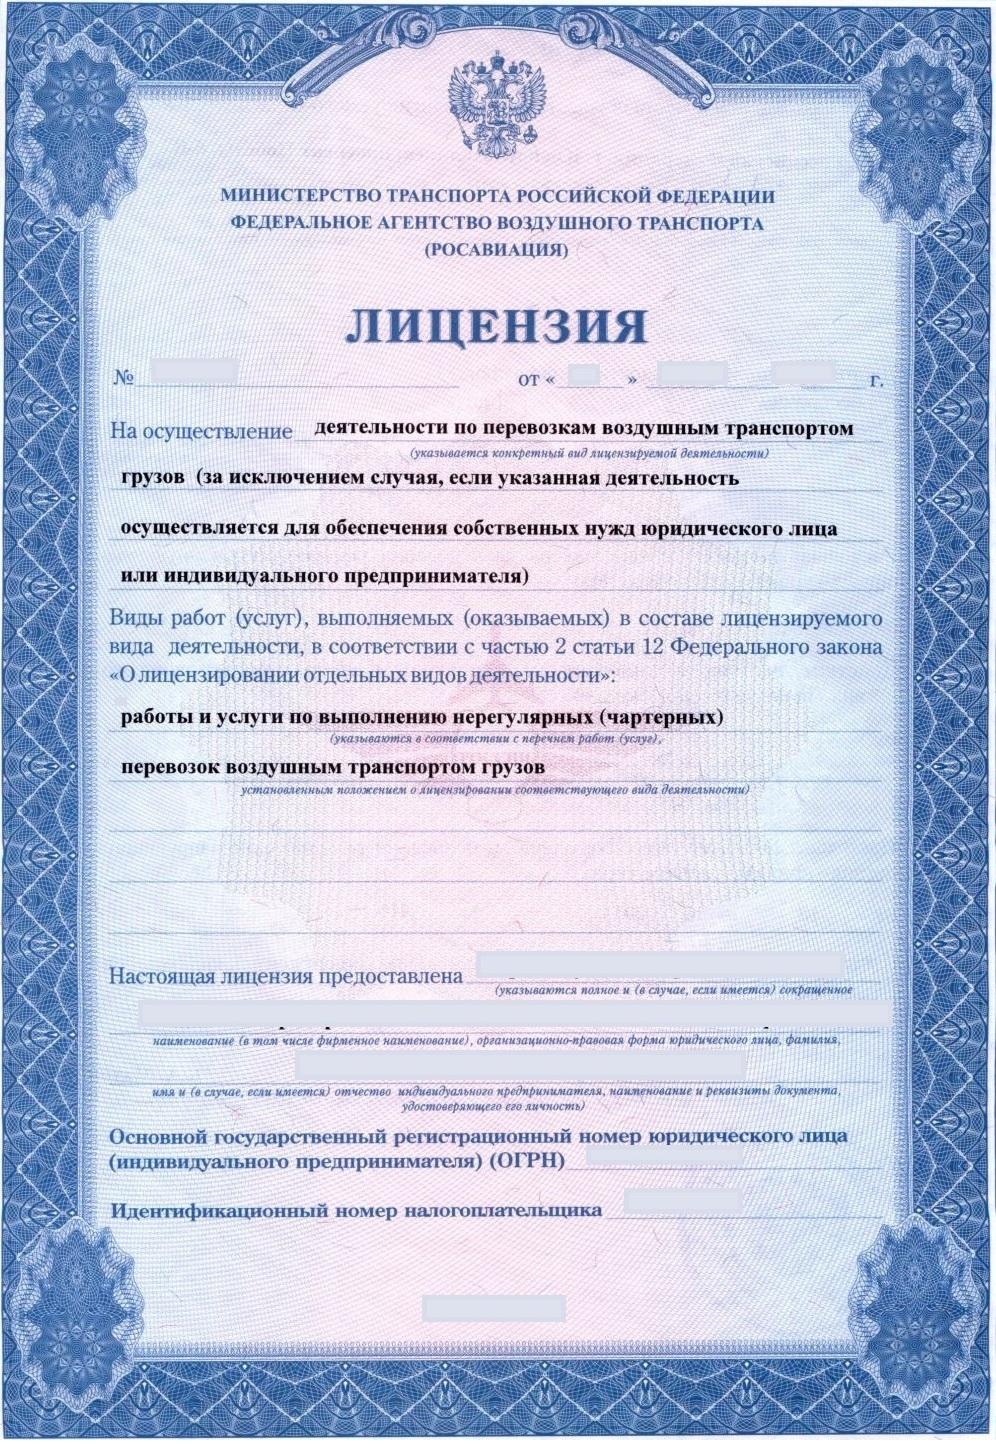 Лицензирование и сертификация авиационных работ, перевозок и услуг.100112.04 обязательная сертификация окп 437200